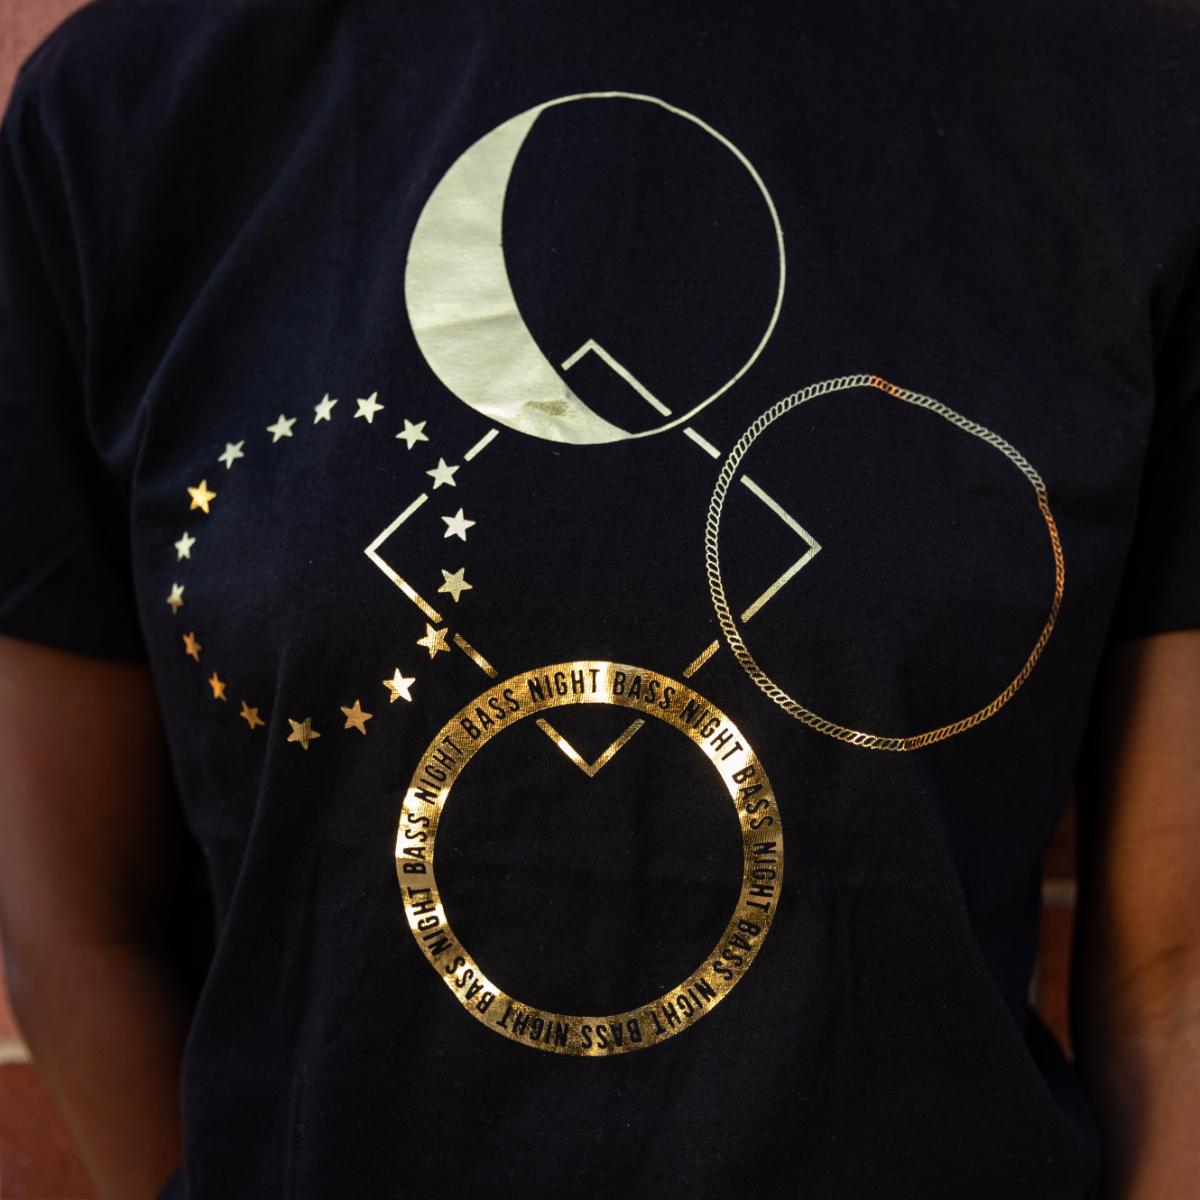 Night Bass Gold Foil Deconstructed T-Shirt